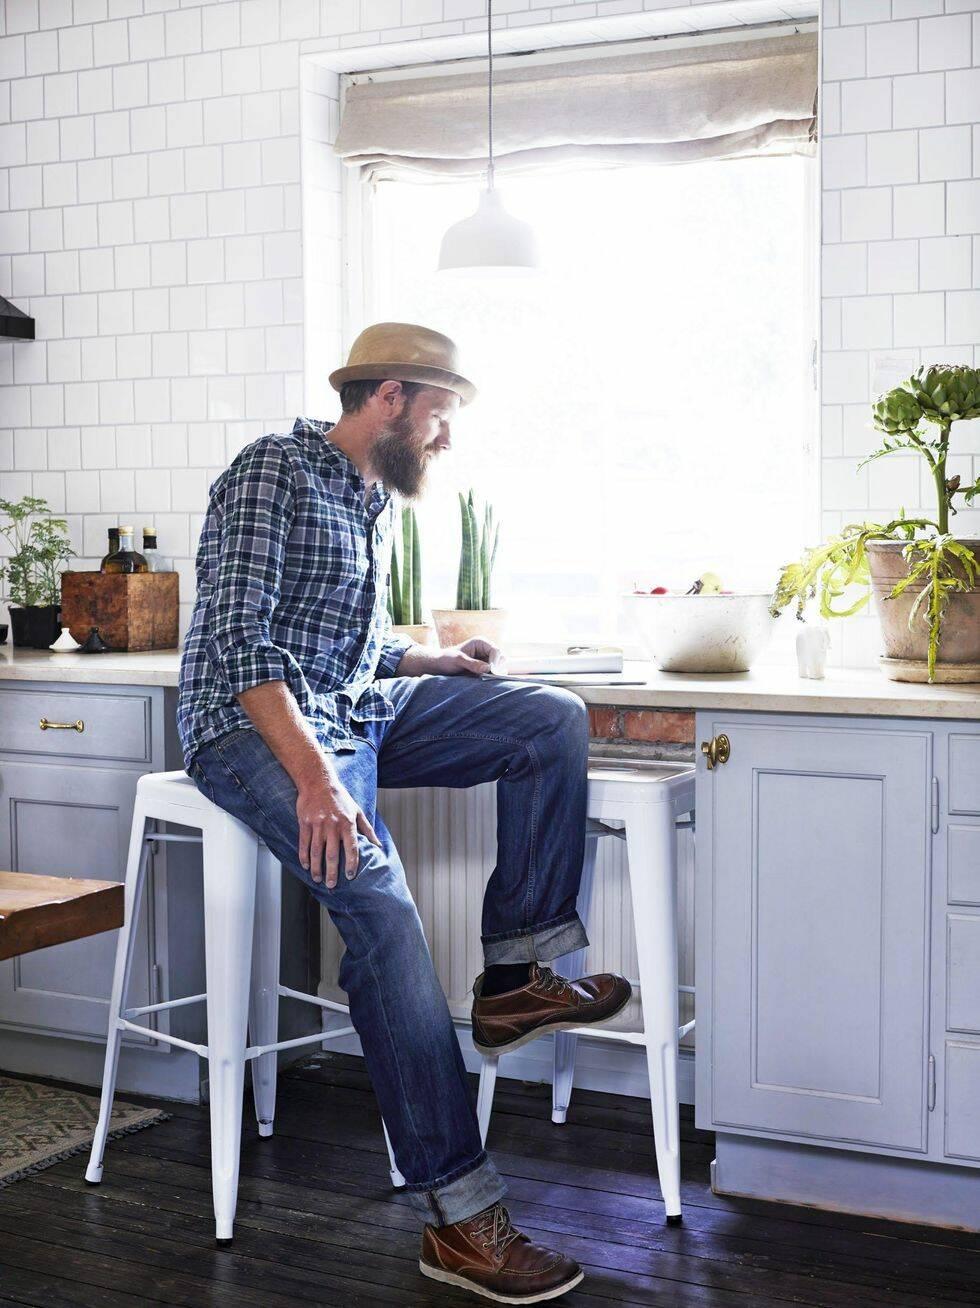 Veckans hem: En personlig mix av gammalt och nytt